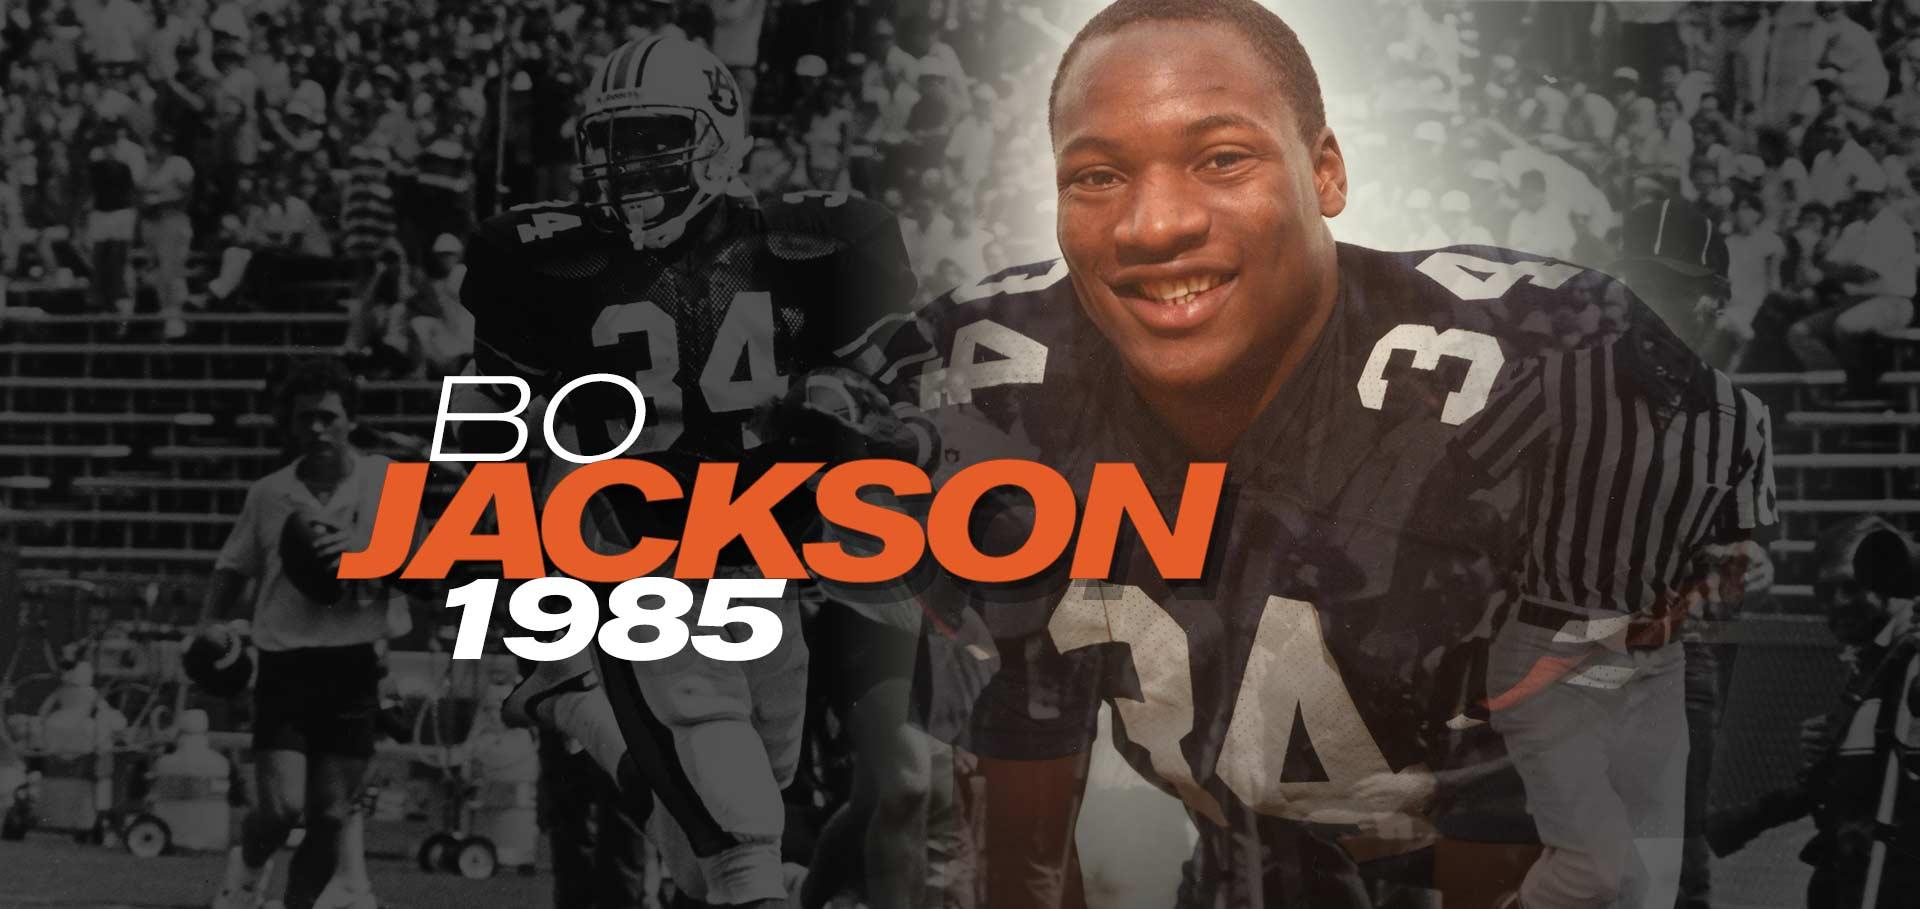 Bo Jackson Heisman